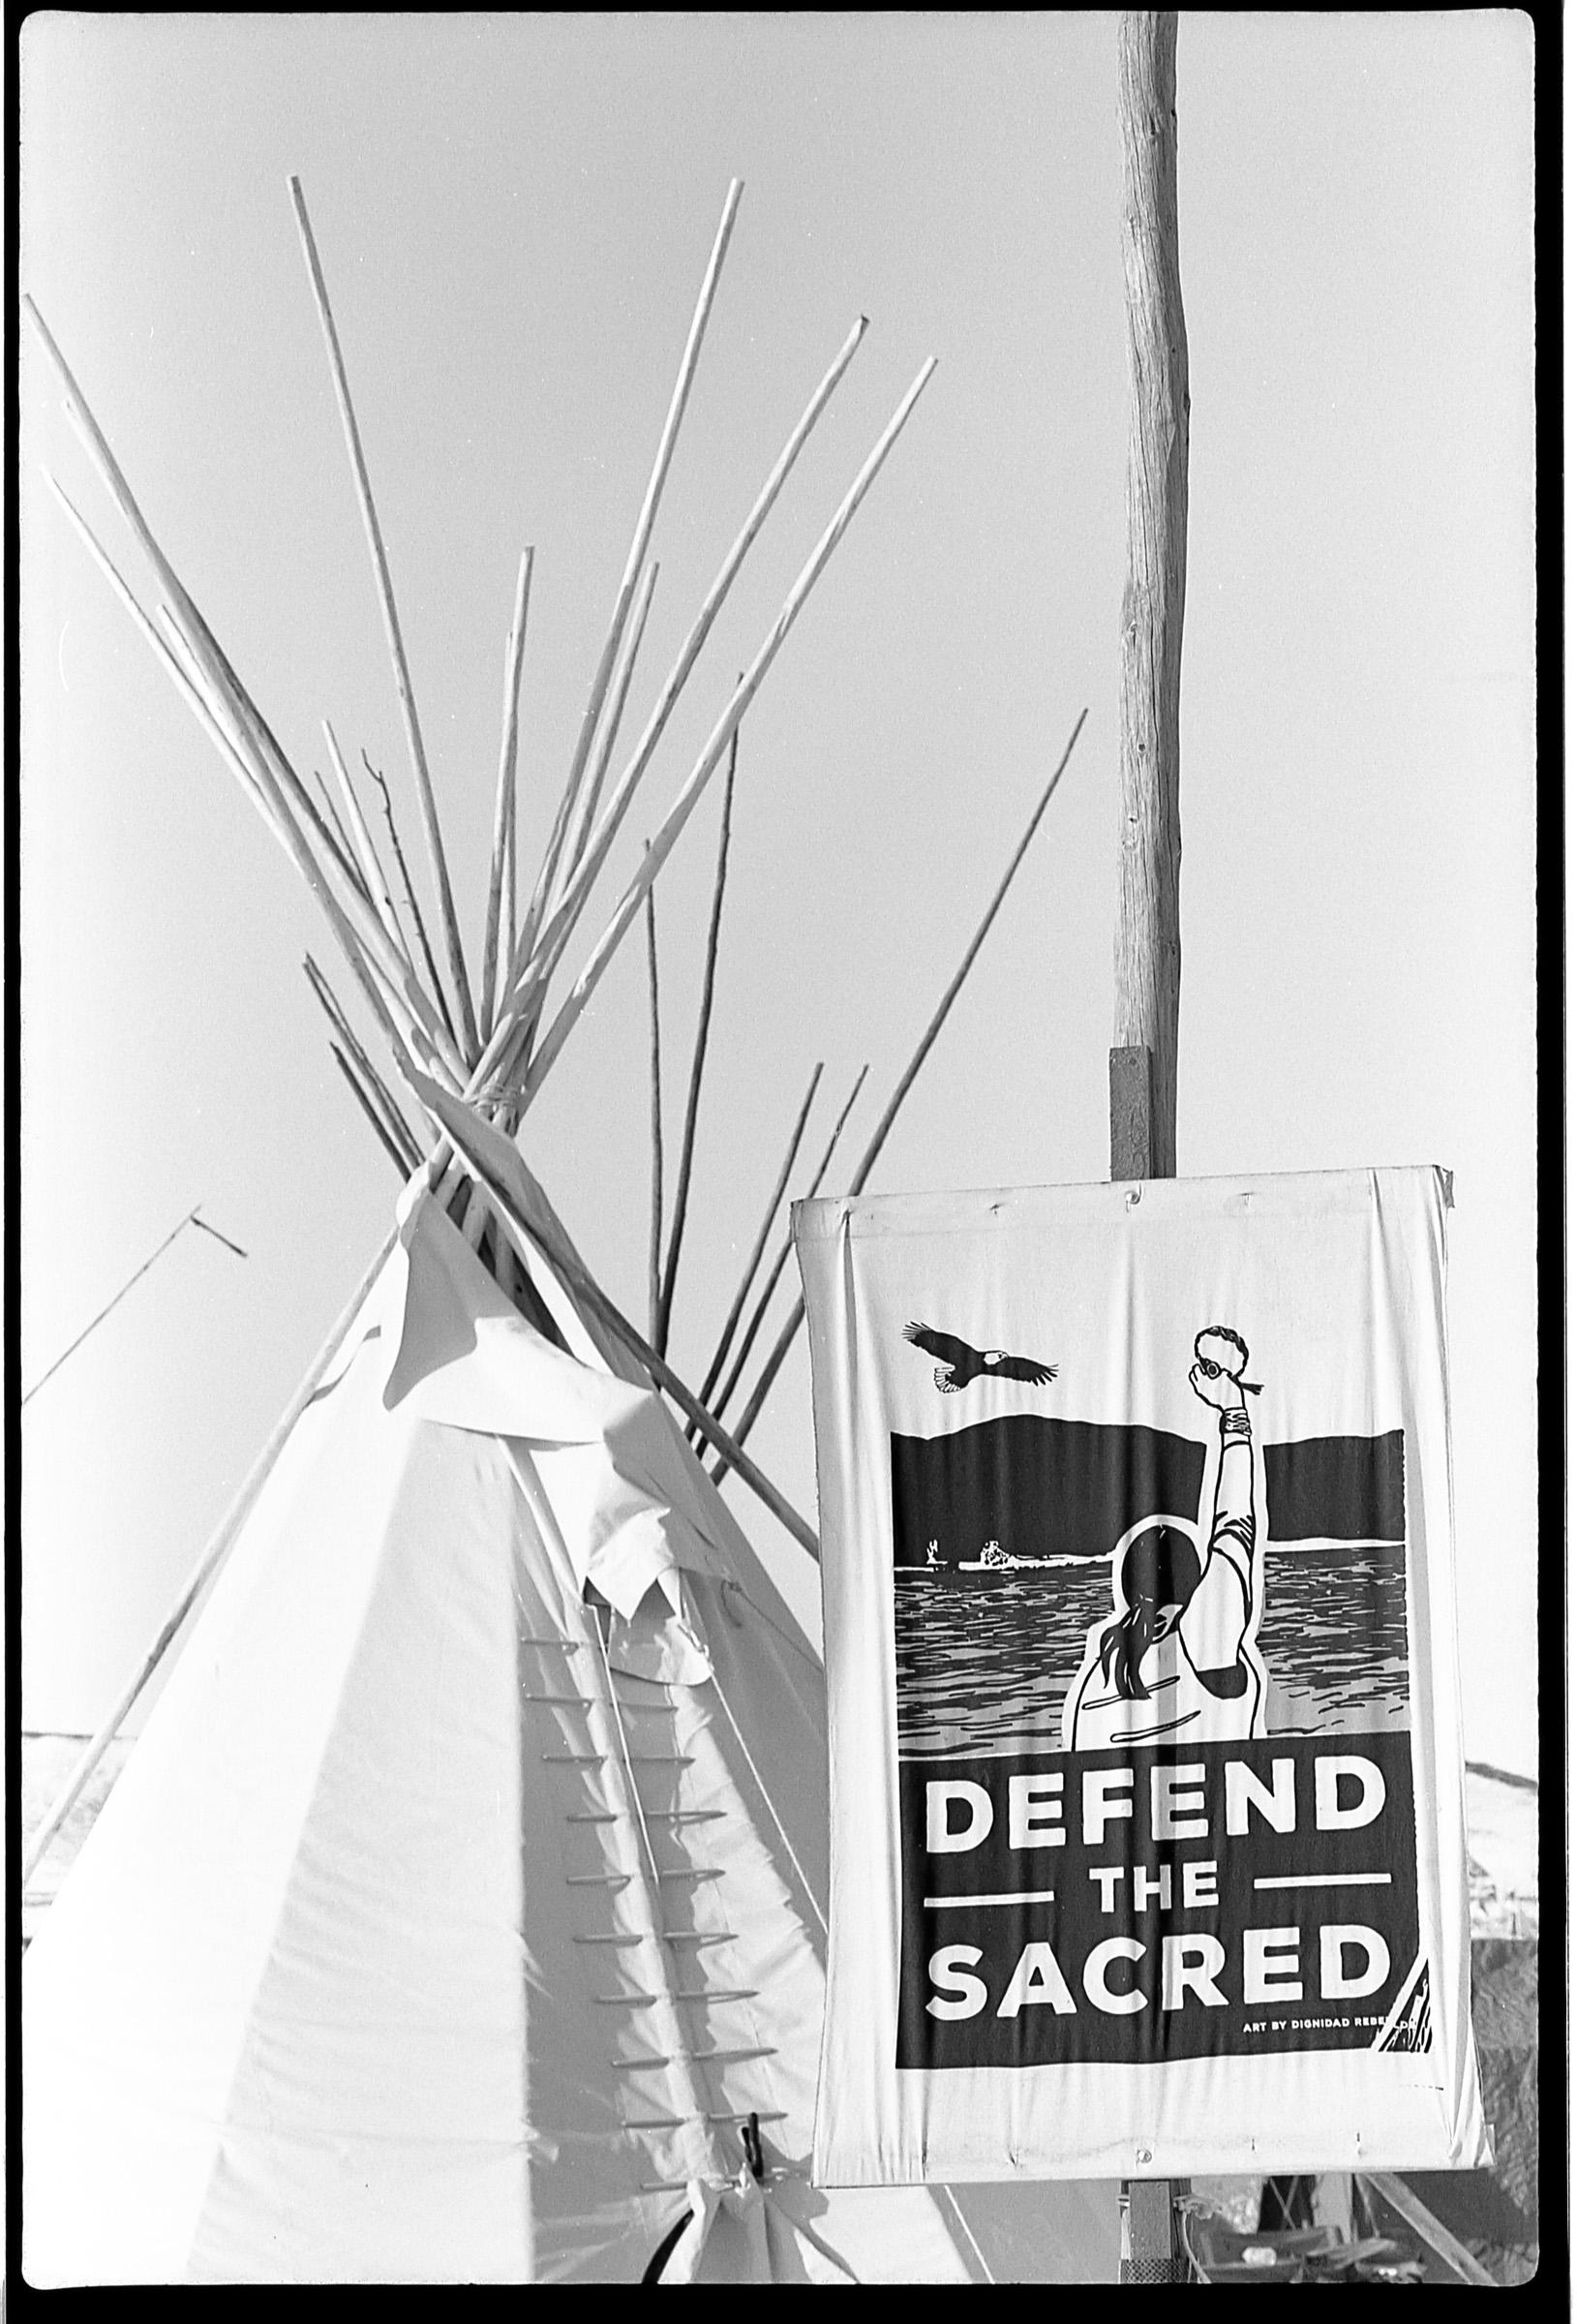 Standing Rock022 as Smart Object-1.jpg